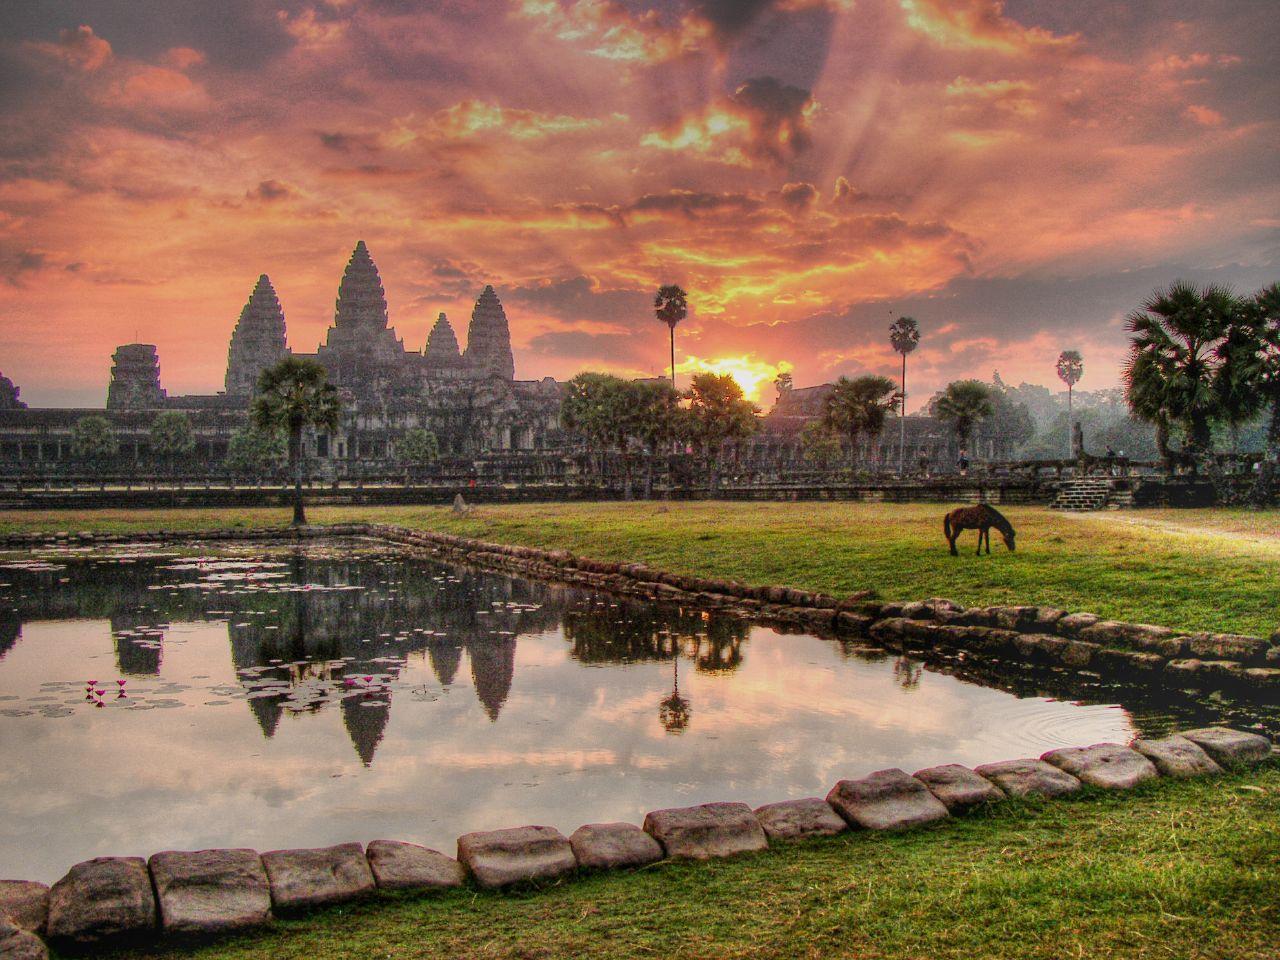 angkor wat 1 by - photo #43